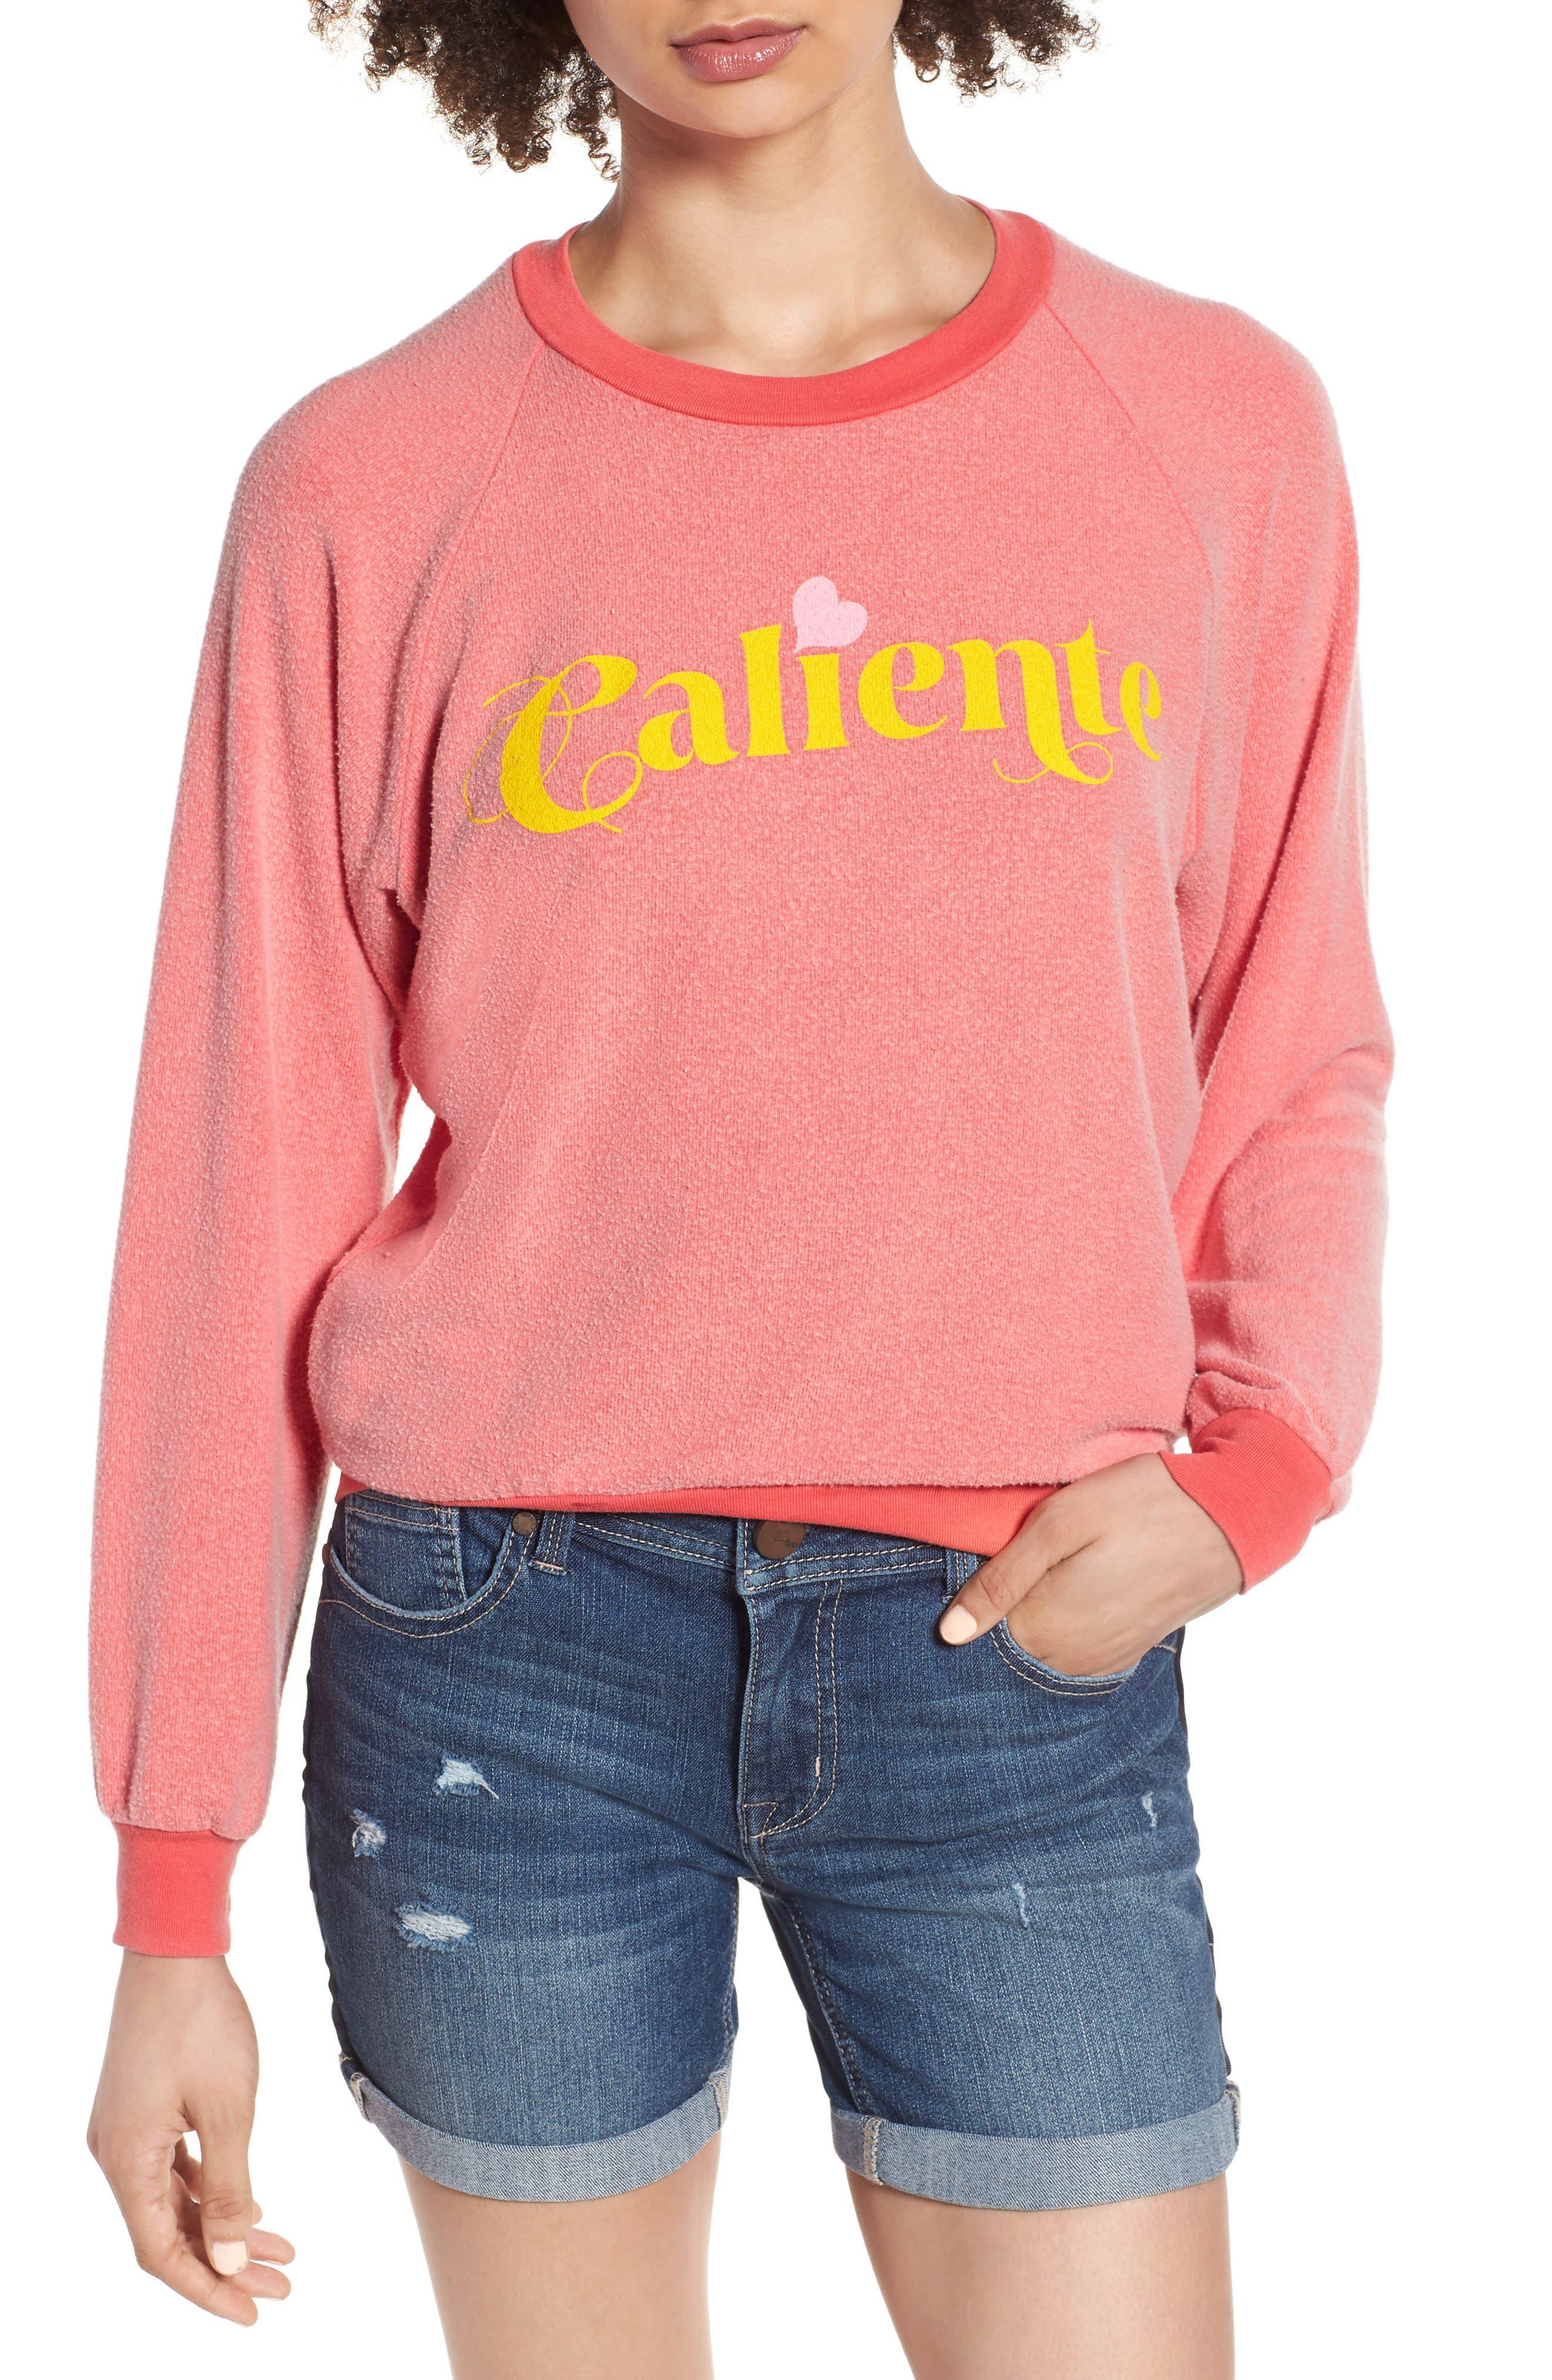 Caliente Junior Sweatshirt,                             Main thumbnail 1, color,                             Pigment Hot Lipstick